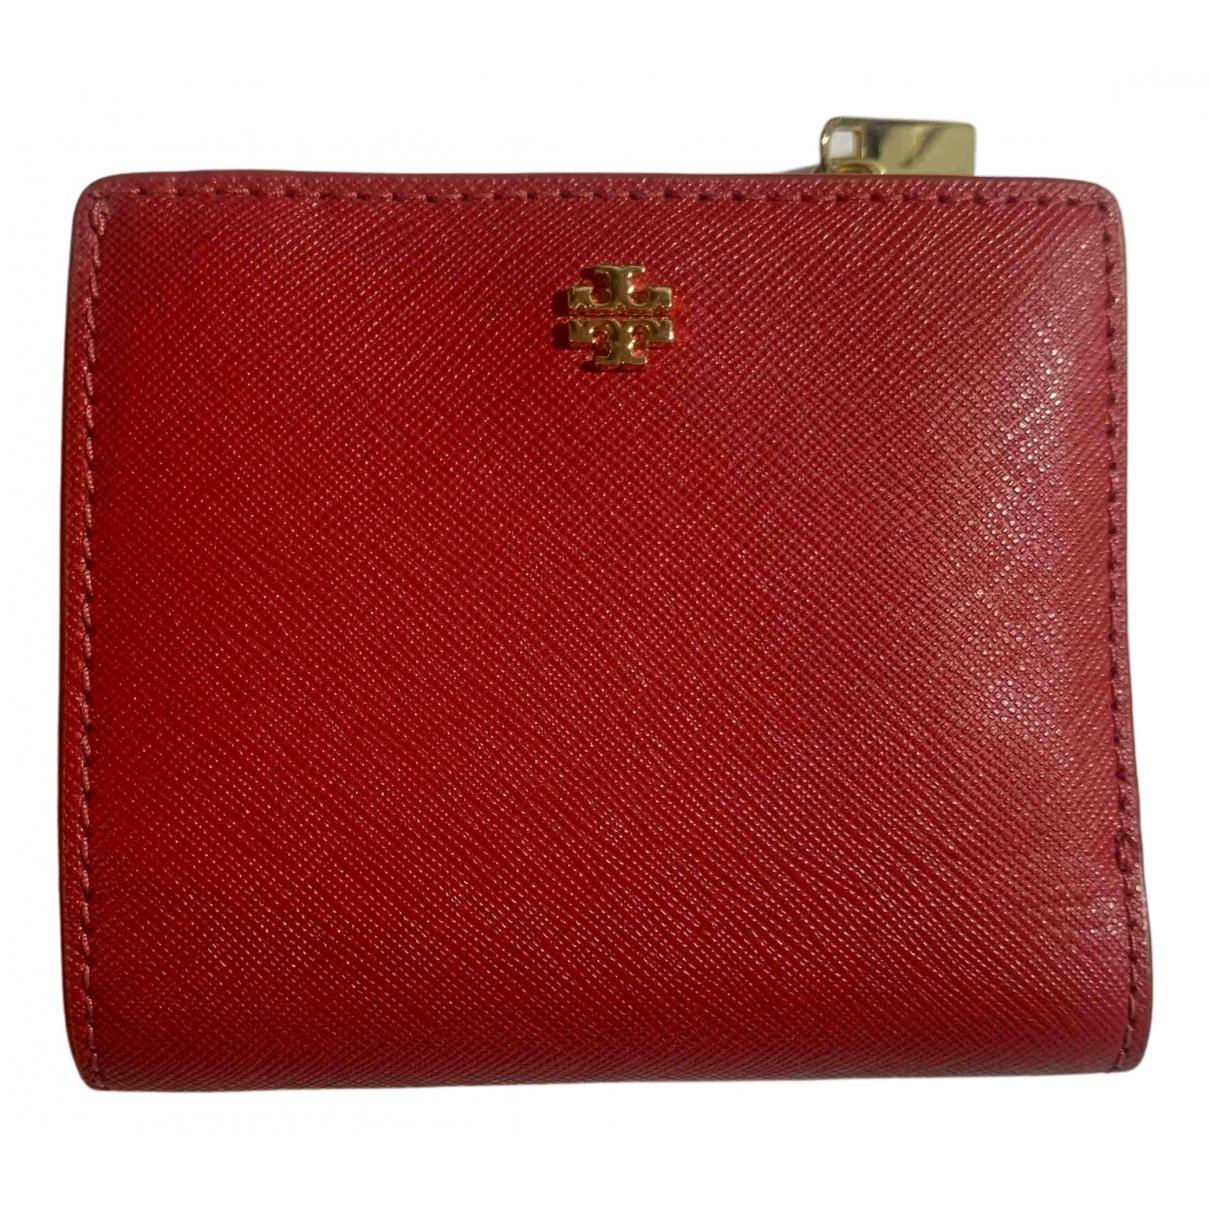 Tory Burch - Portefeuille   pour femme en cuir - rouge